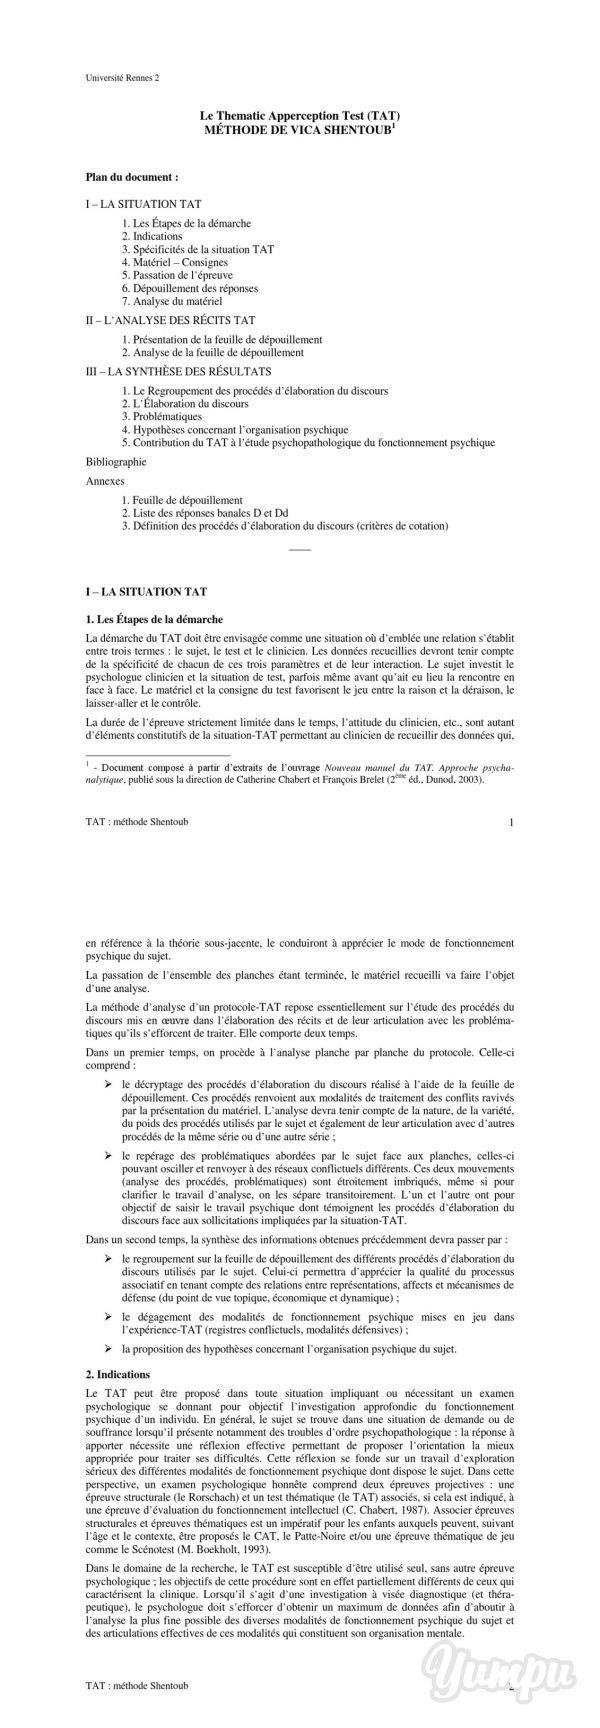 TAT méthode Shentoub (poly).pdf - CURSUS - Université Rennes 2